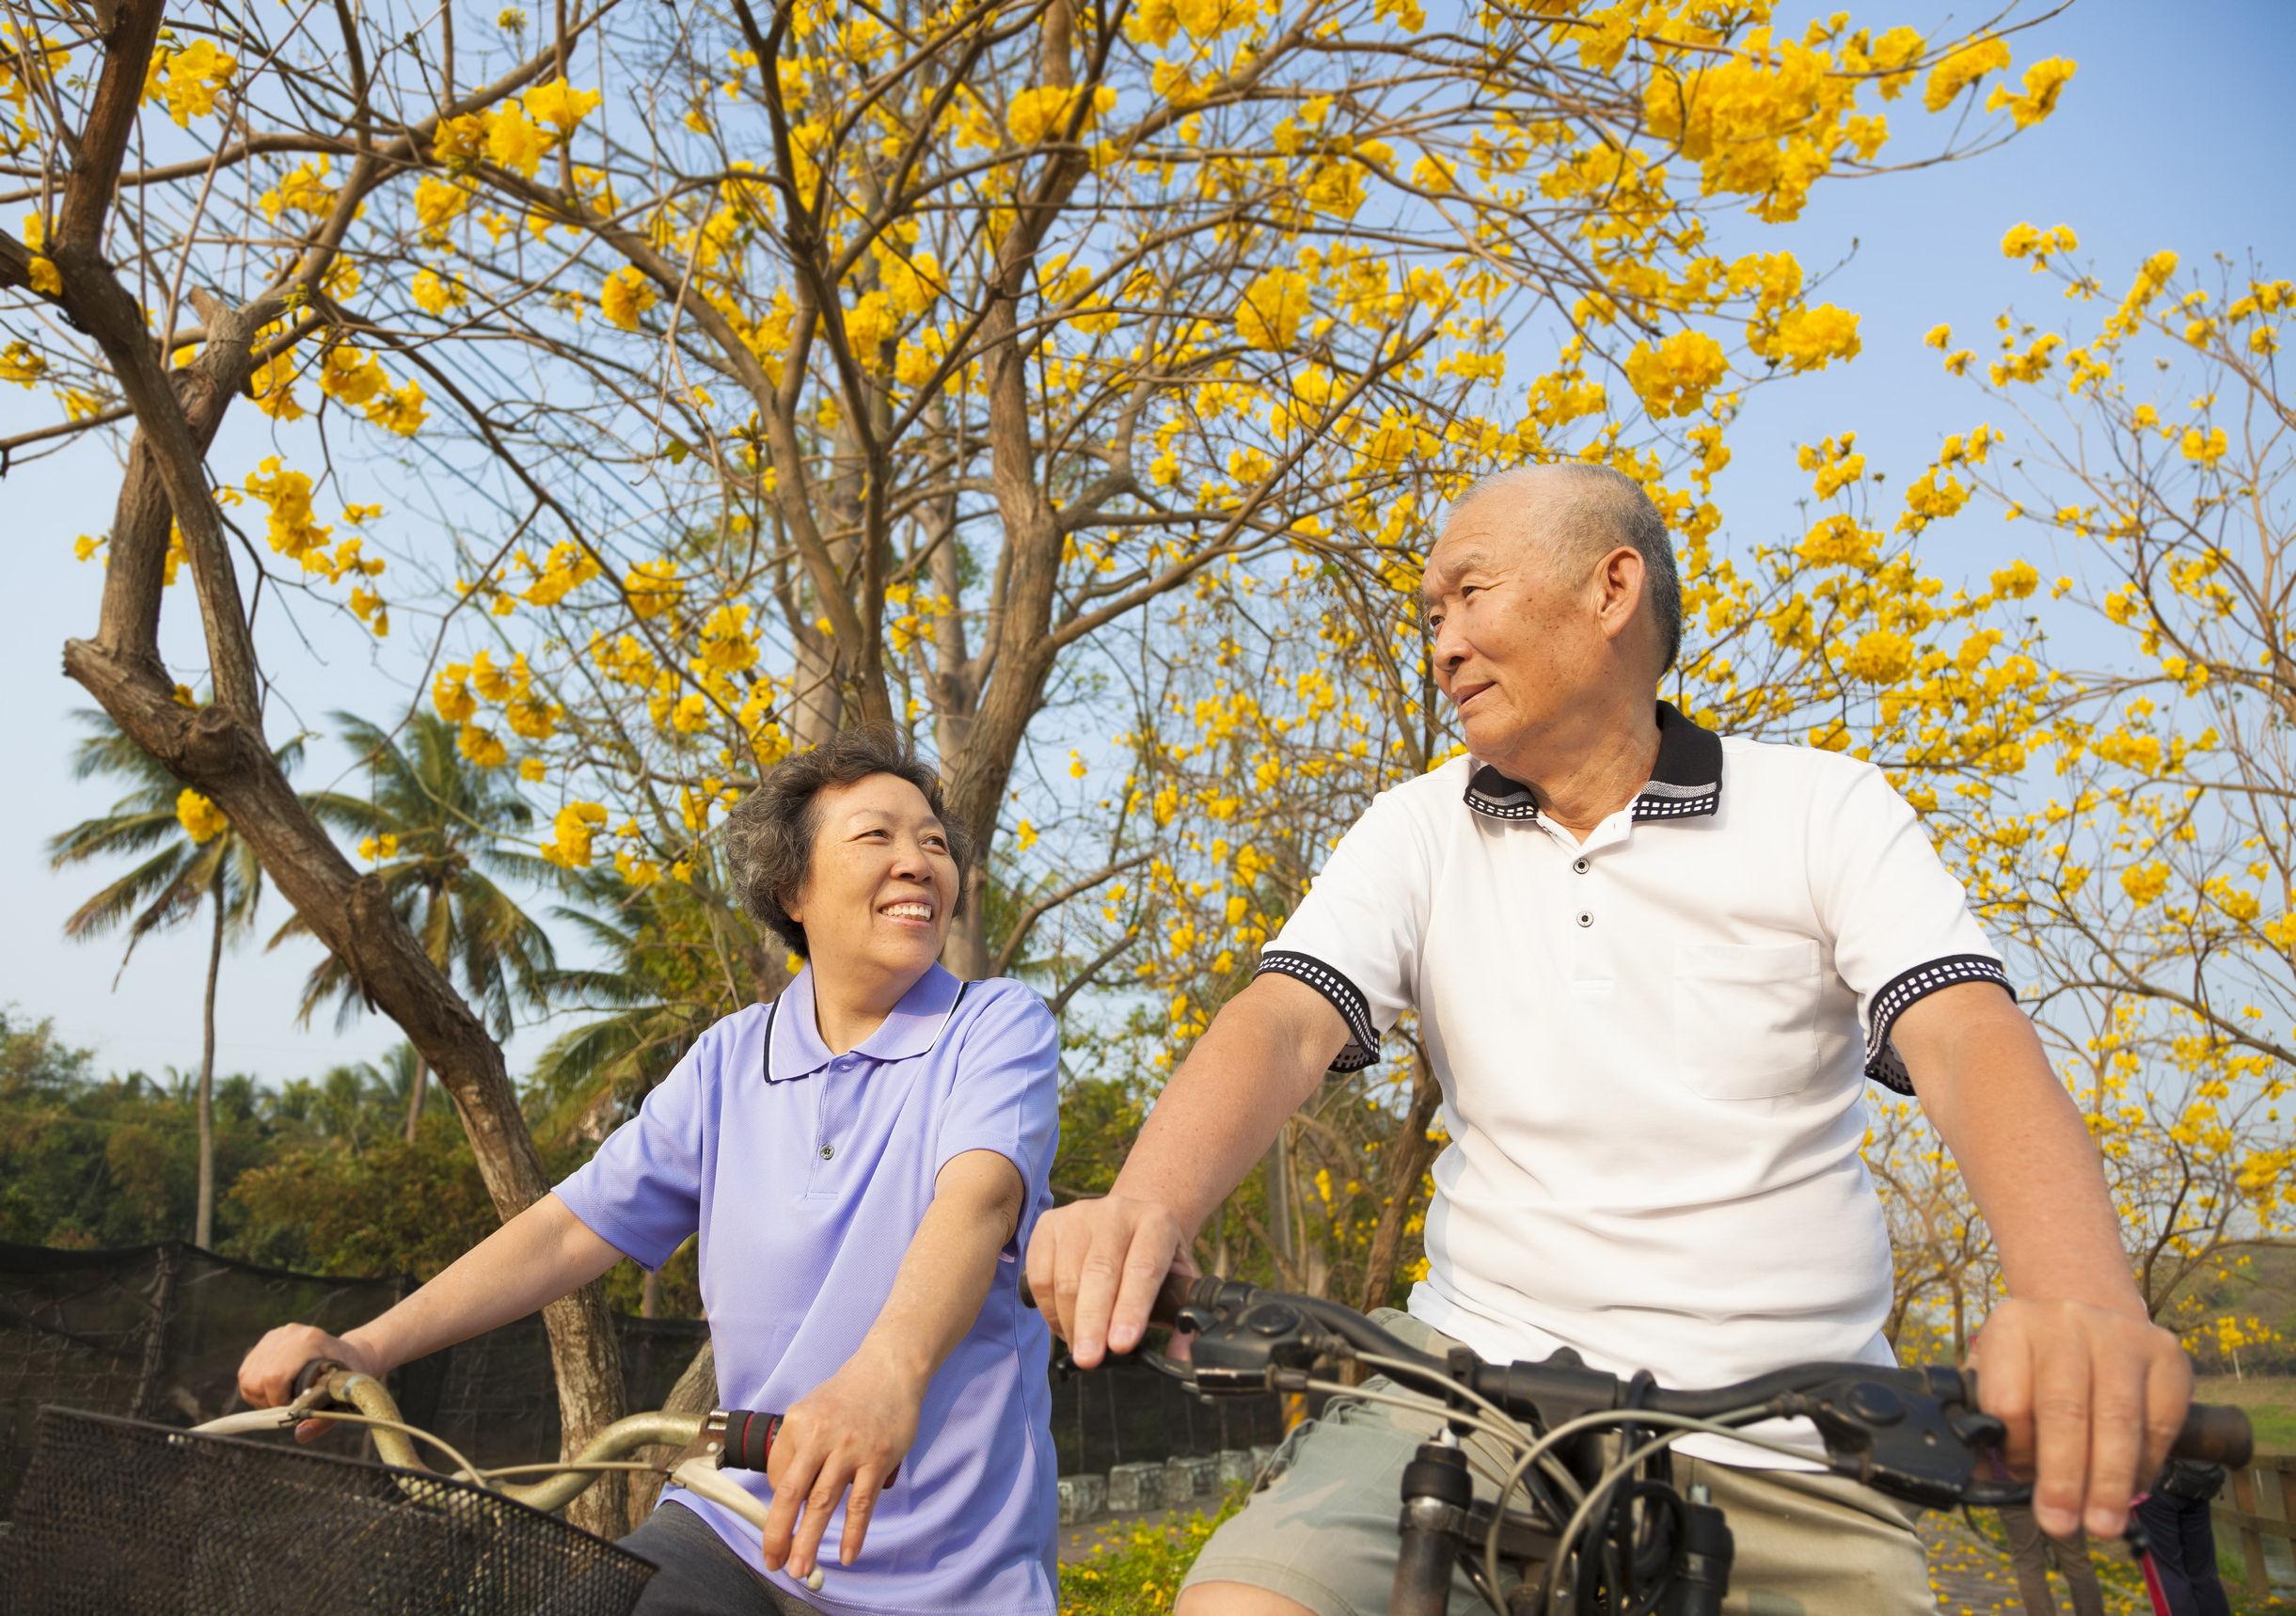 5 กิจกรรมทางกาย เพื่อสูงวัยแข็งแรง